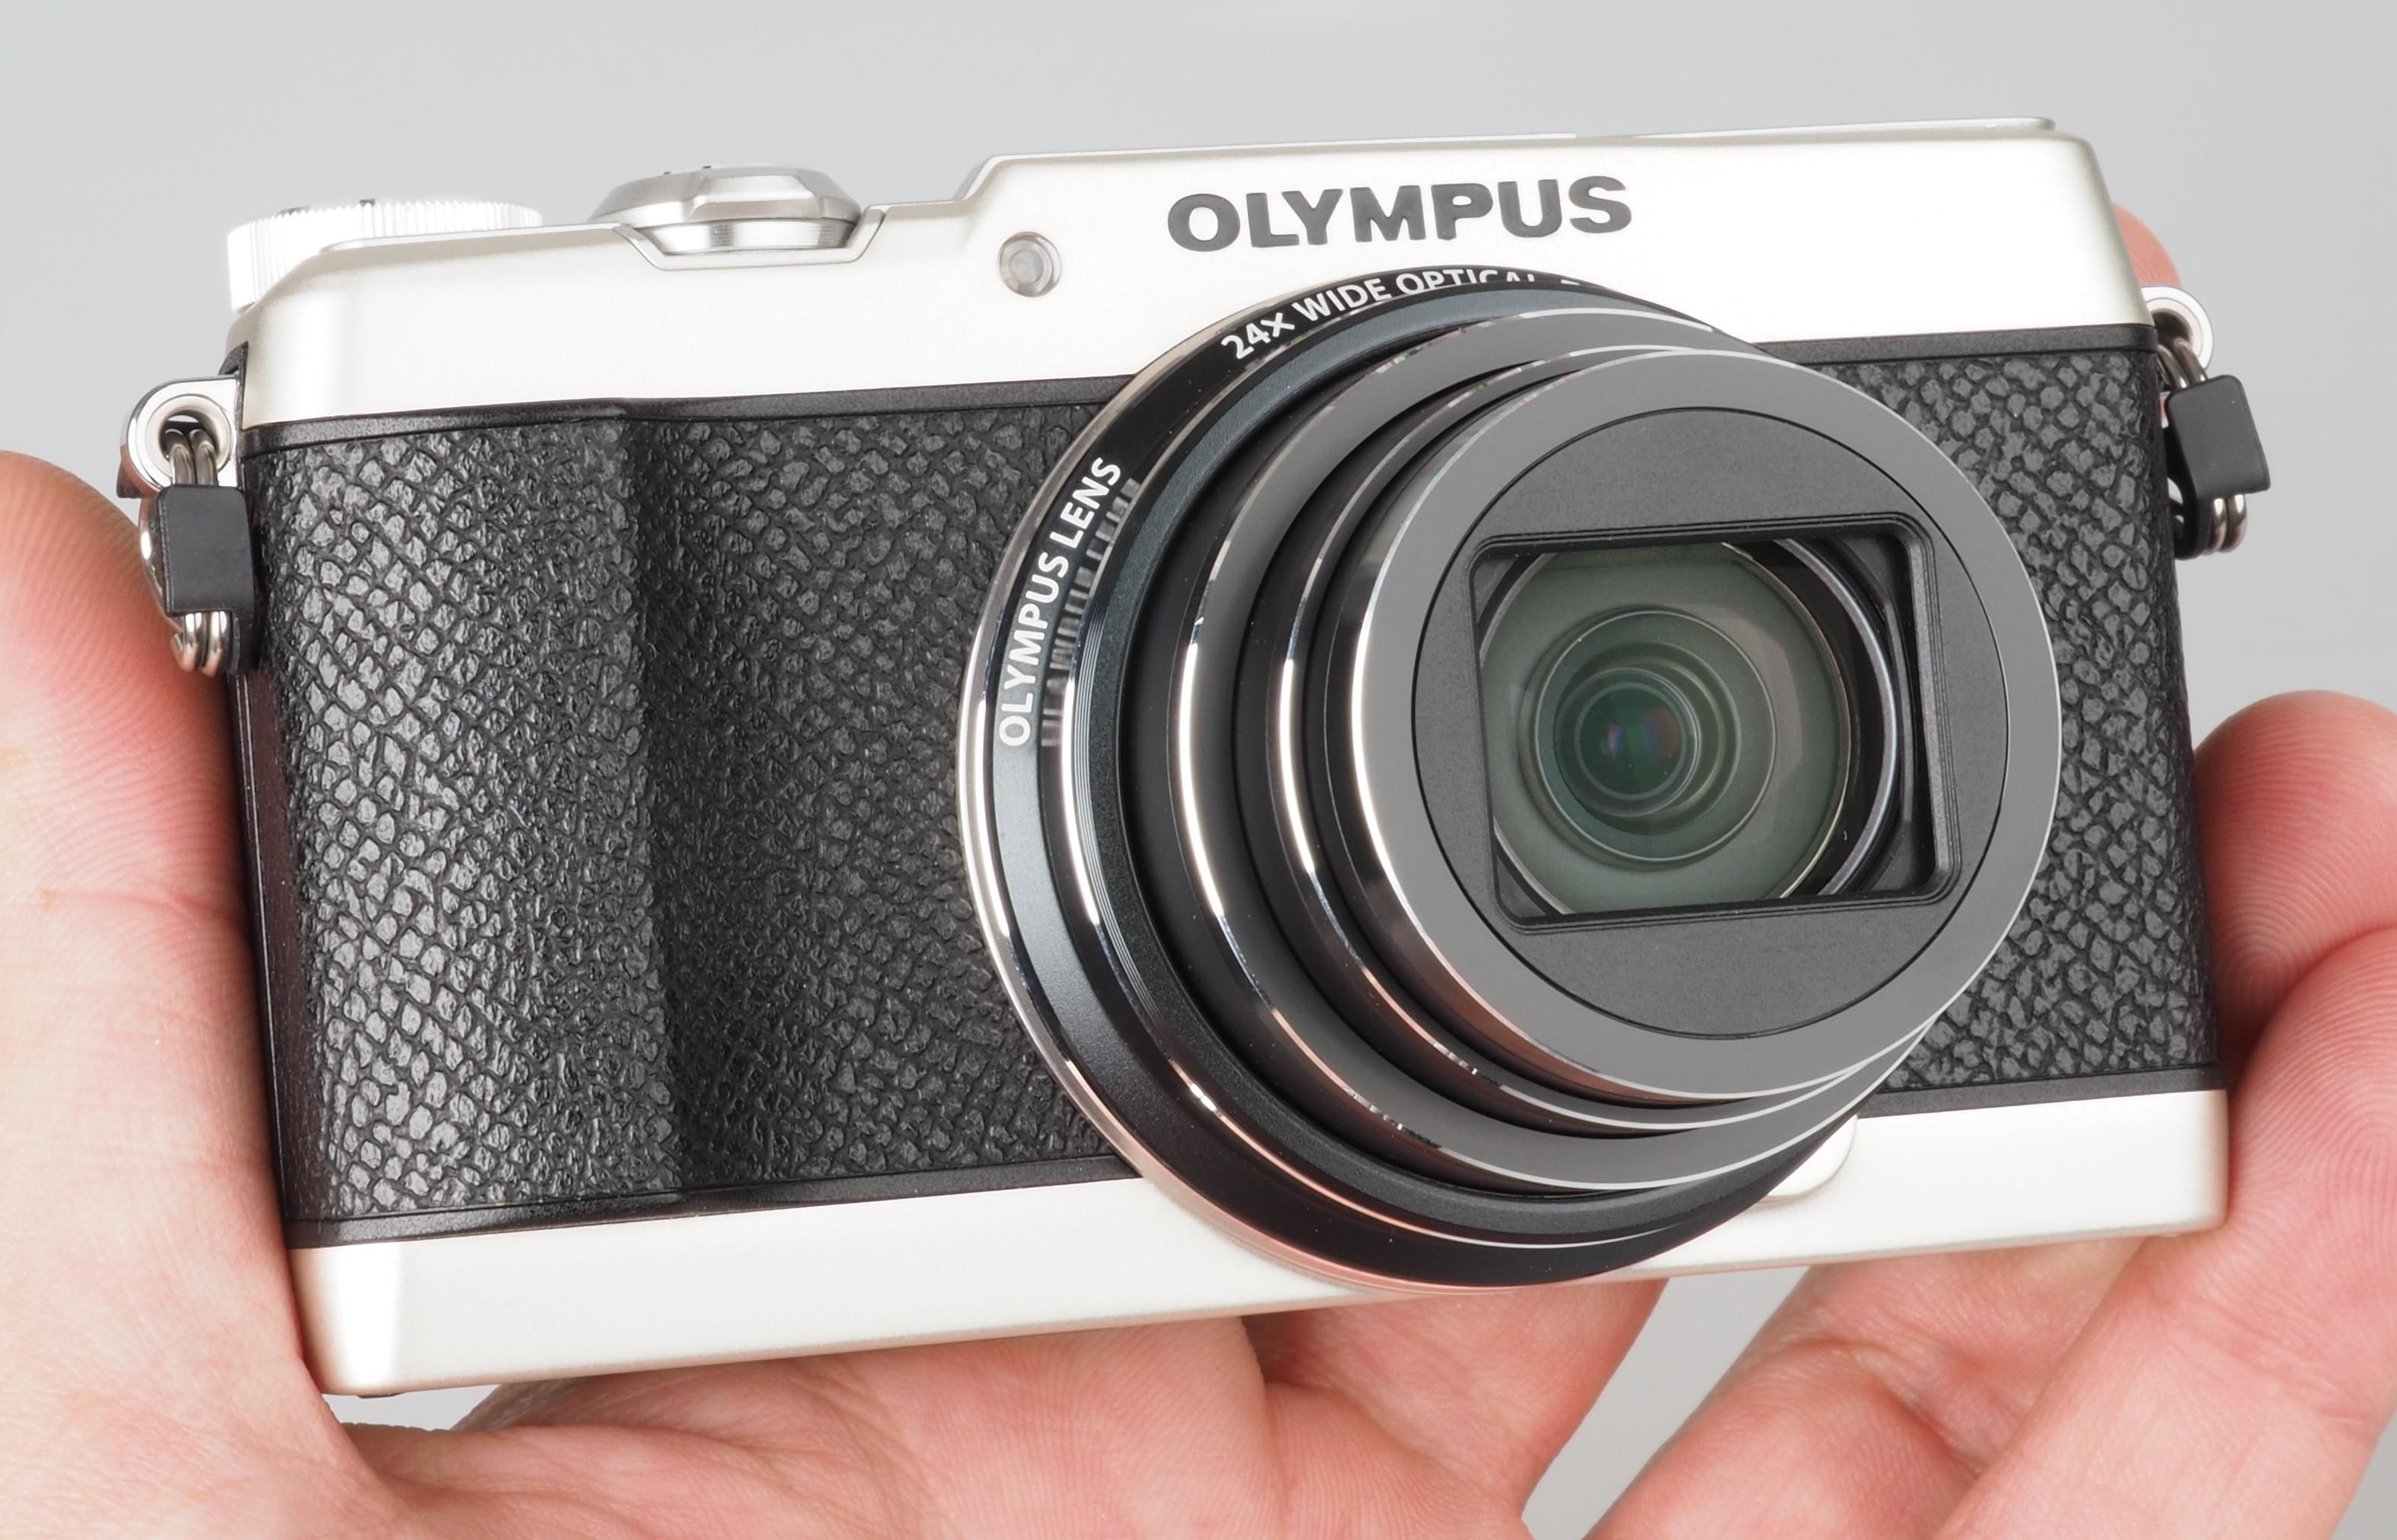 Olympus Stylus Sh 2 Review Ephotozine